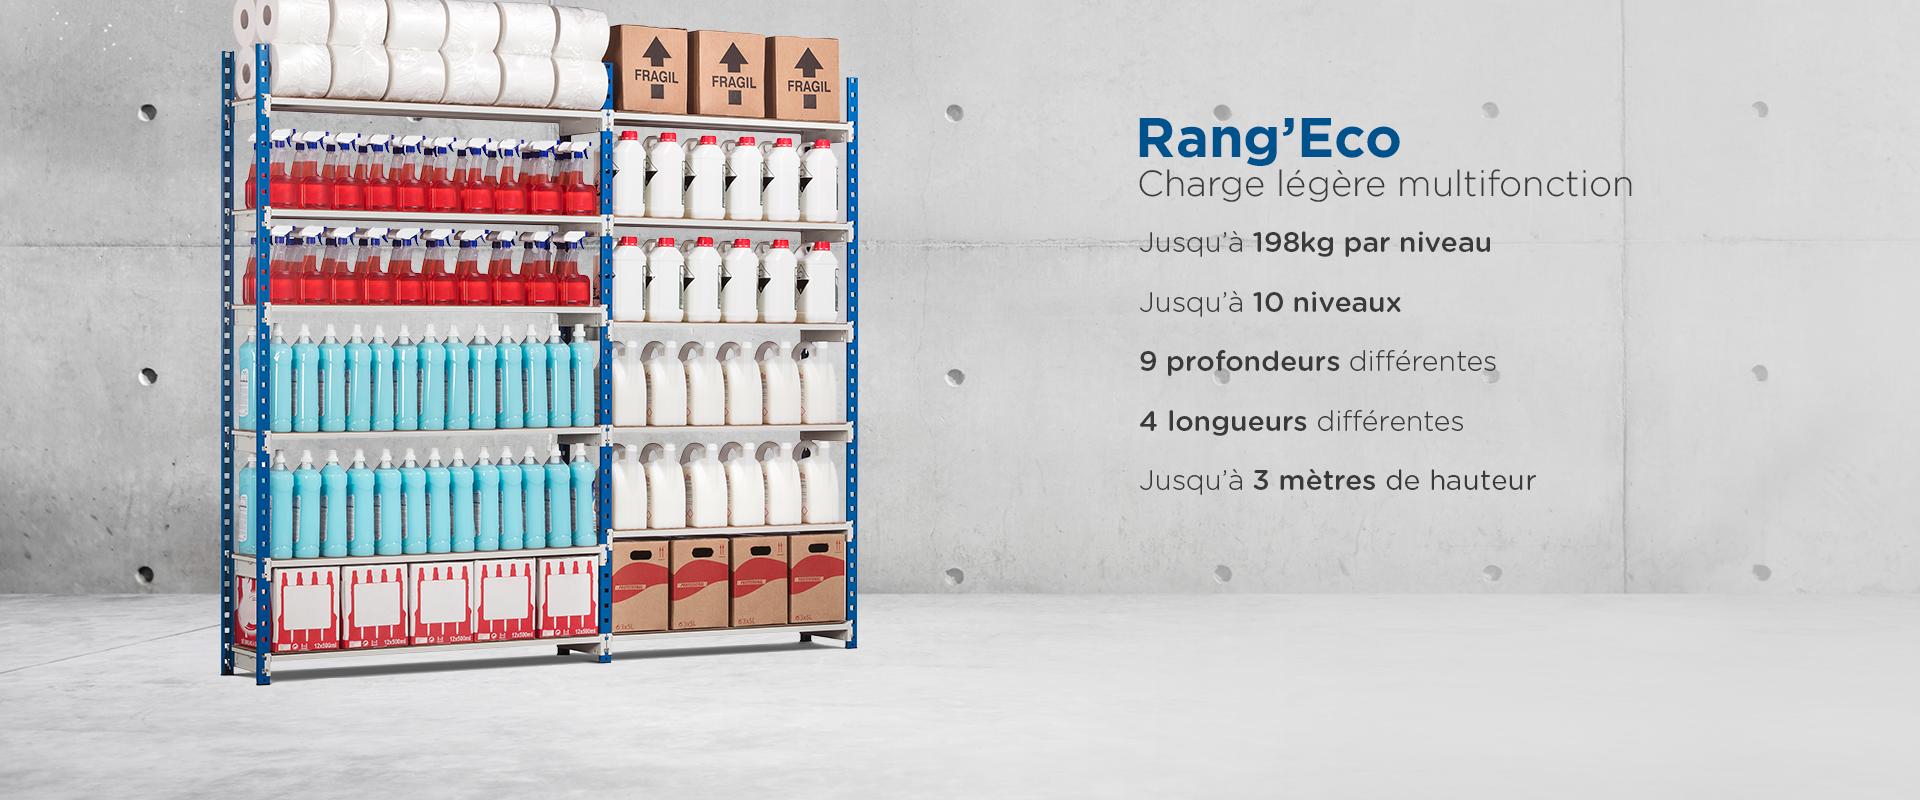 Rangeco_fr